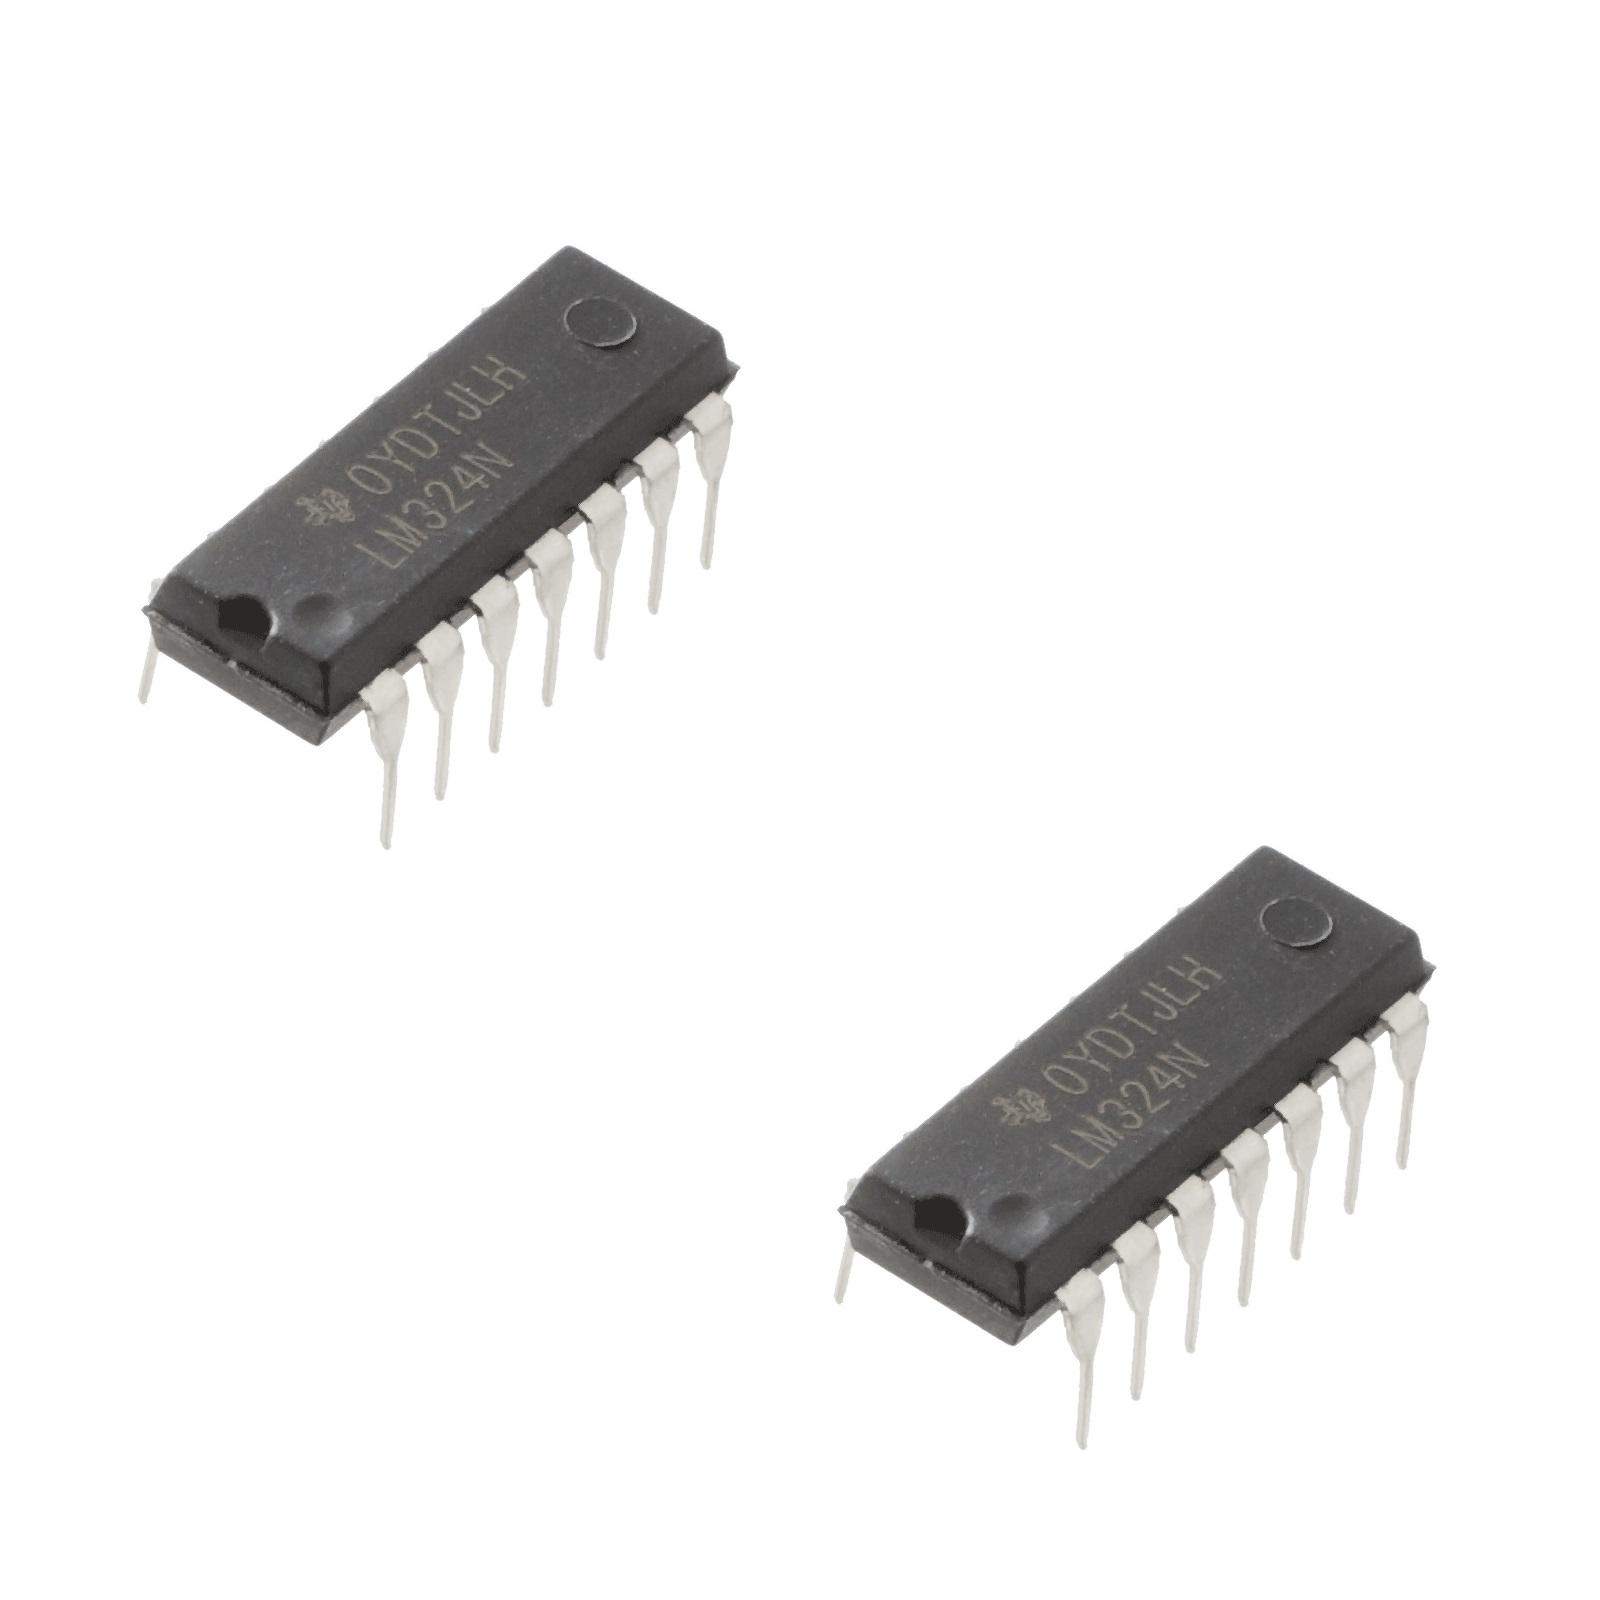 LM324 Quad Op-Amp IC (pack of 2)